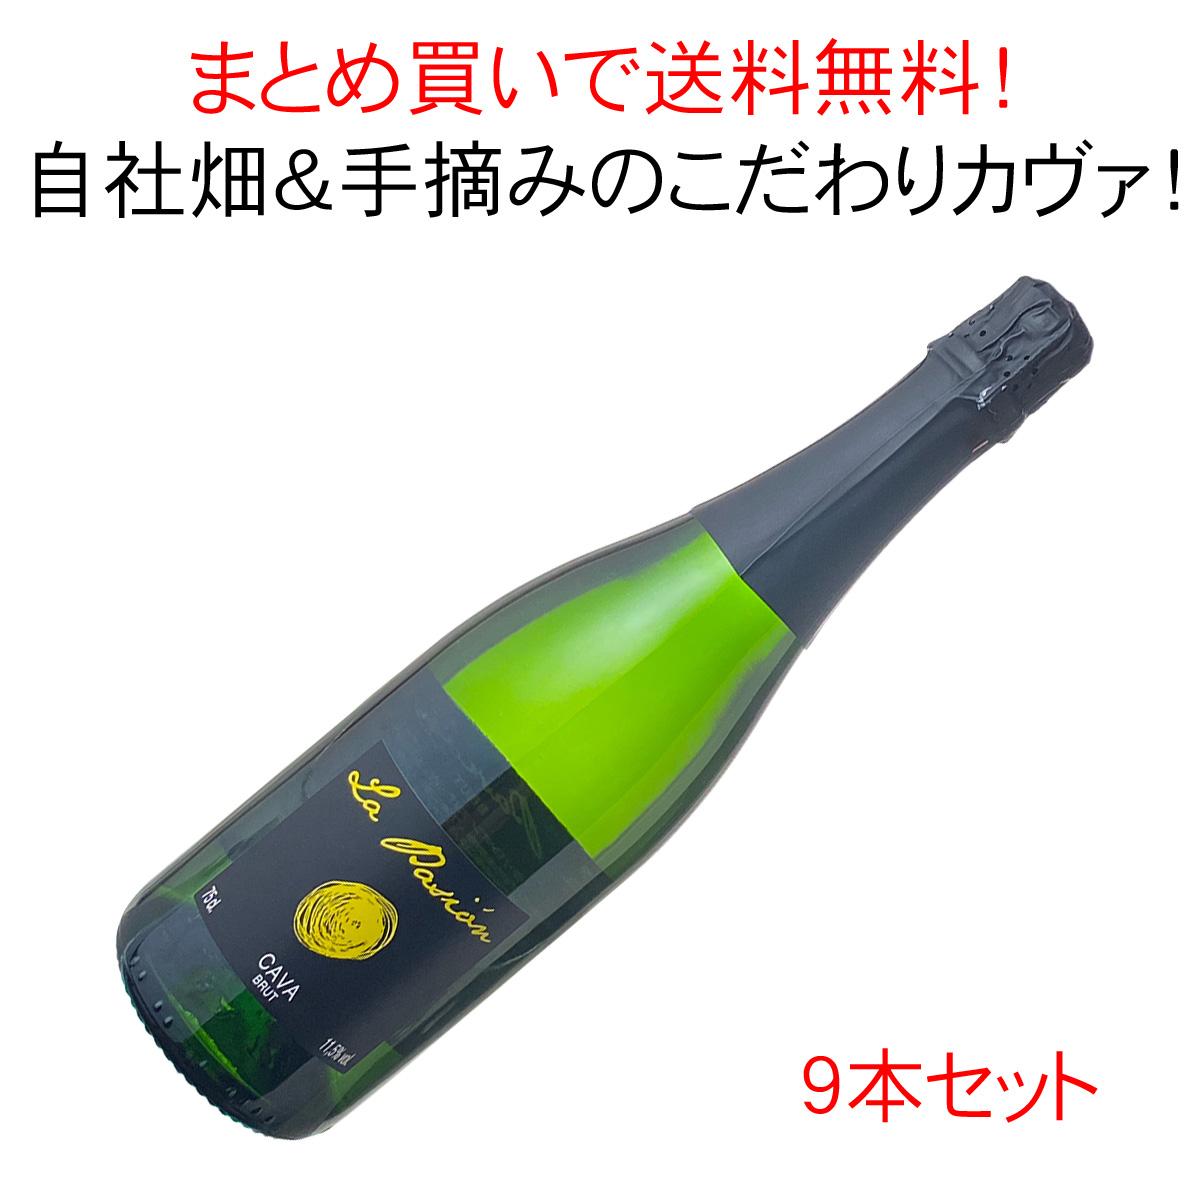 【送料無料】カヴァ ラ・パシオン ブリュット NV 1ケース9本セット <白> <ワイン/スパークリング>